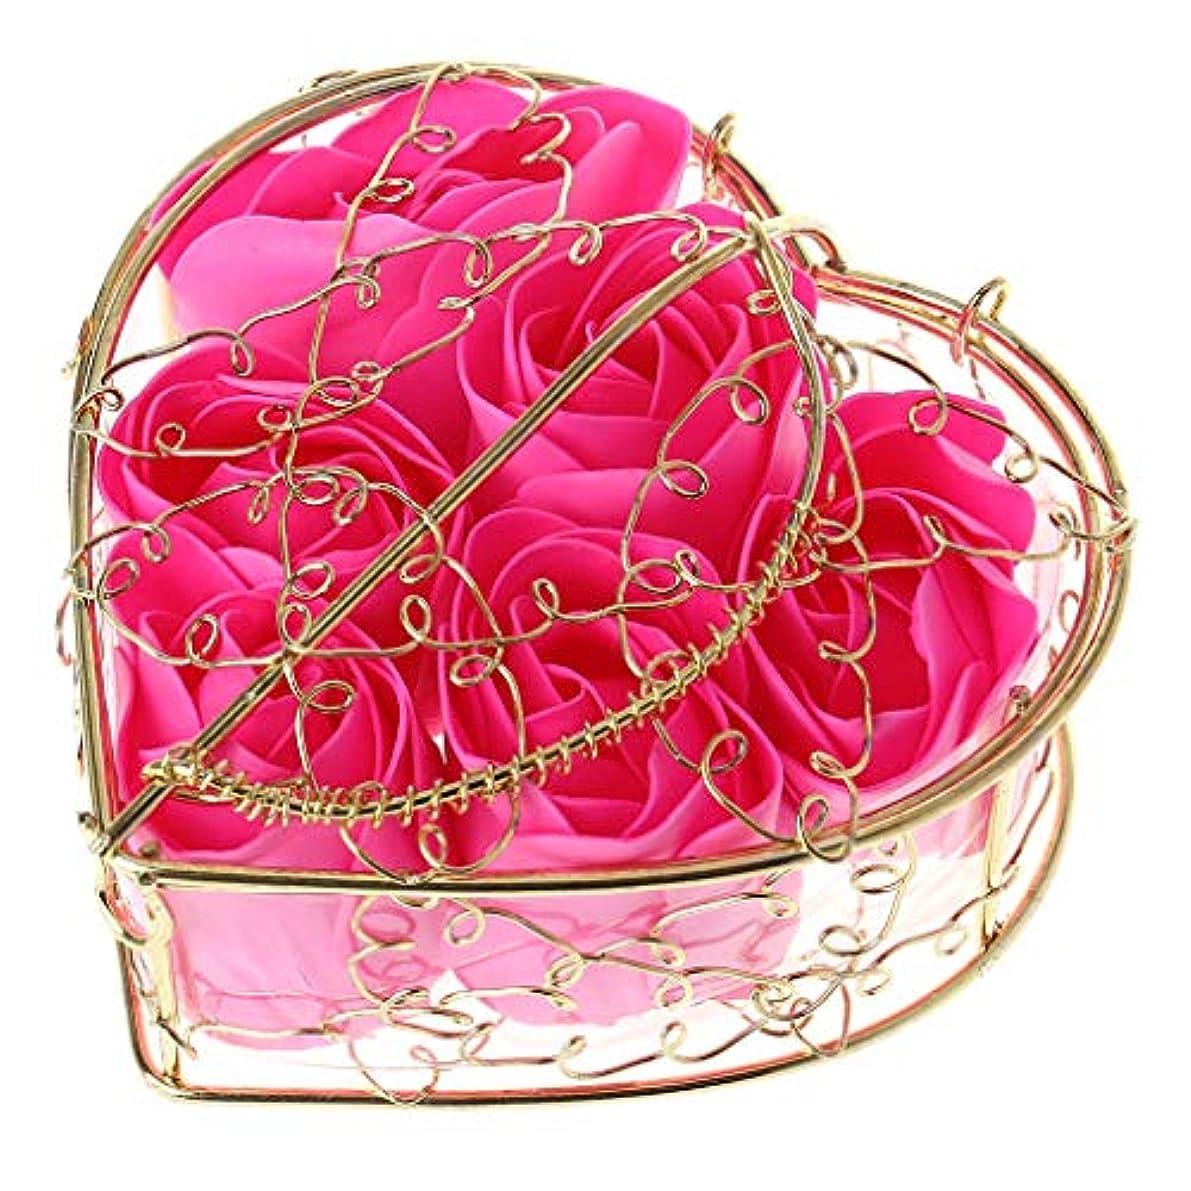 タックル投げる鎮静剤Kaman-co 6本の香りのバラの花びら、入浴ボディーソープ、ウェディングパーティーの装飾ギフト、バレンタインデーの贈り物 (HP)